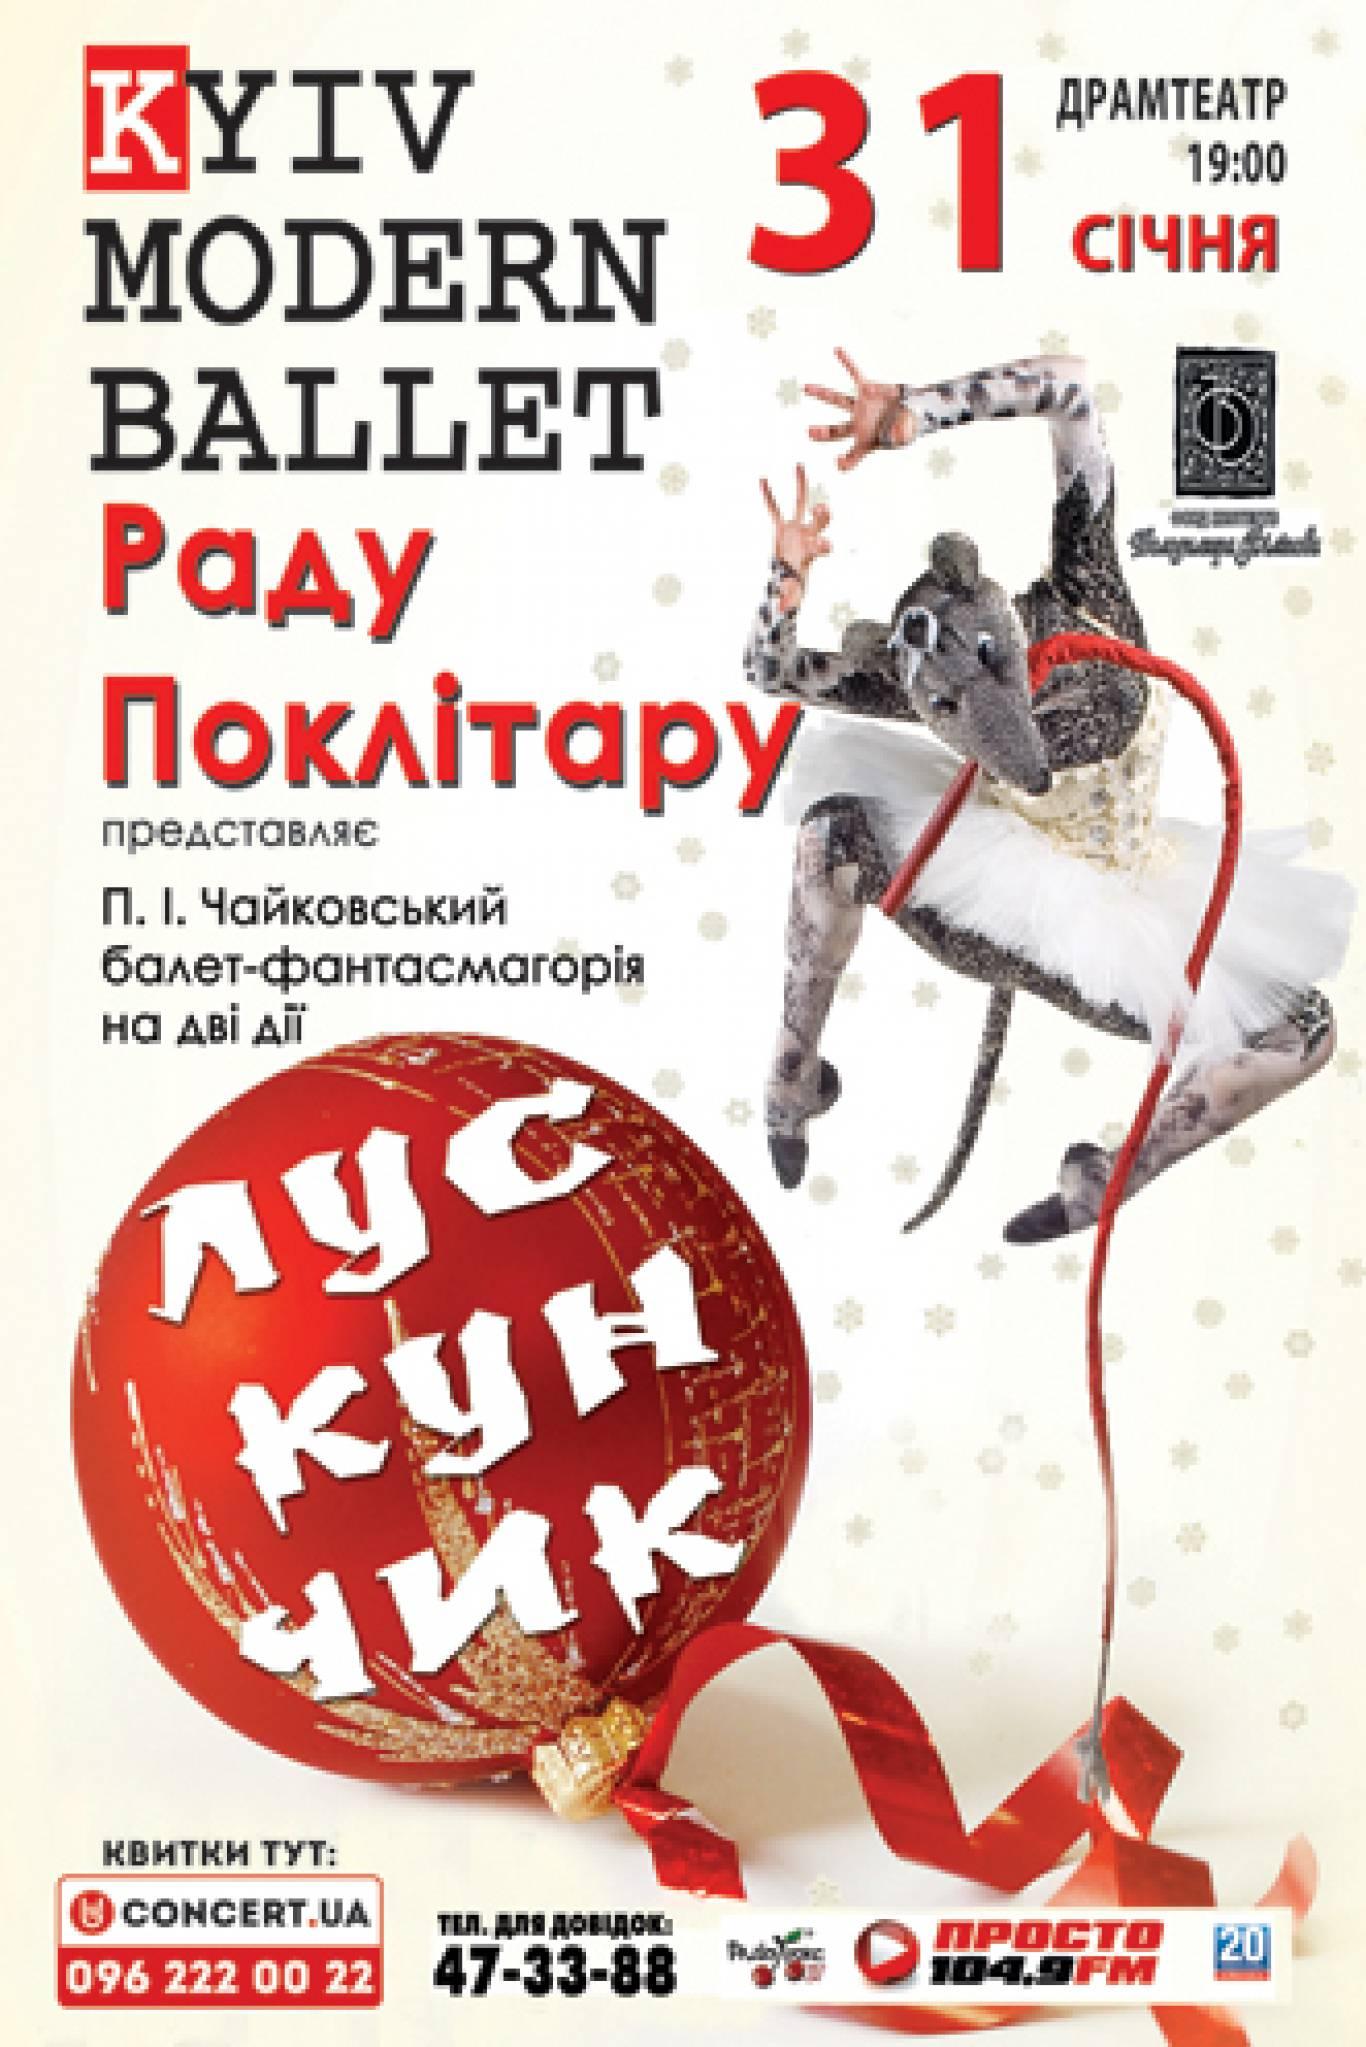 Модерн-балет «Лускунчик»